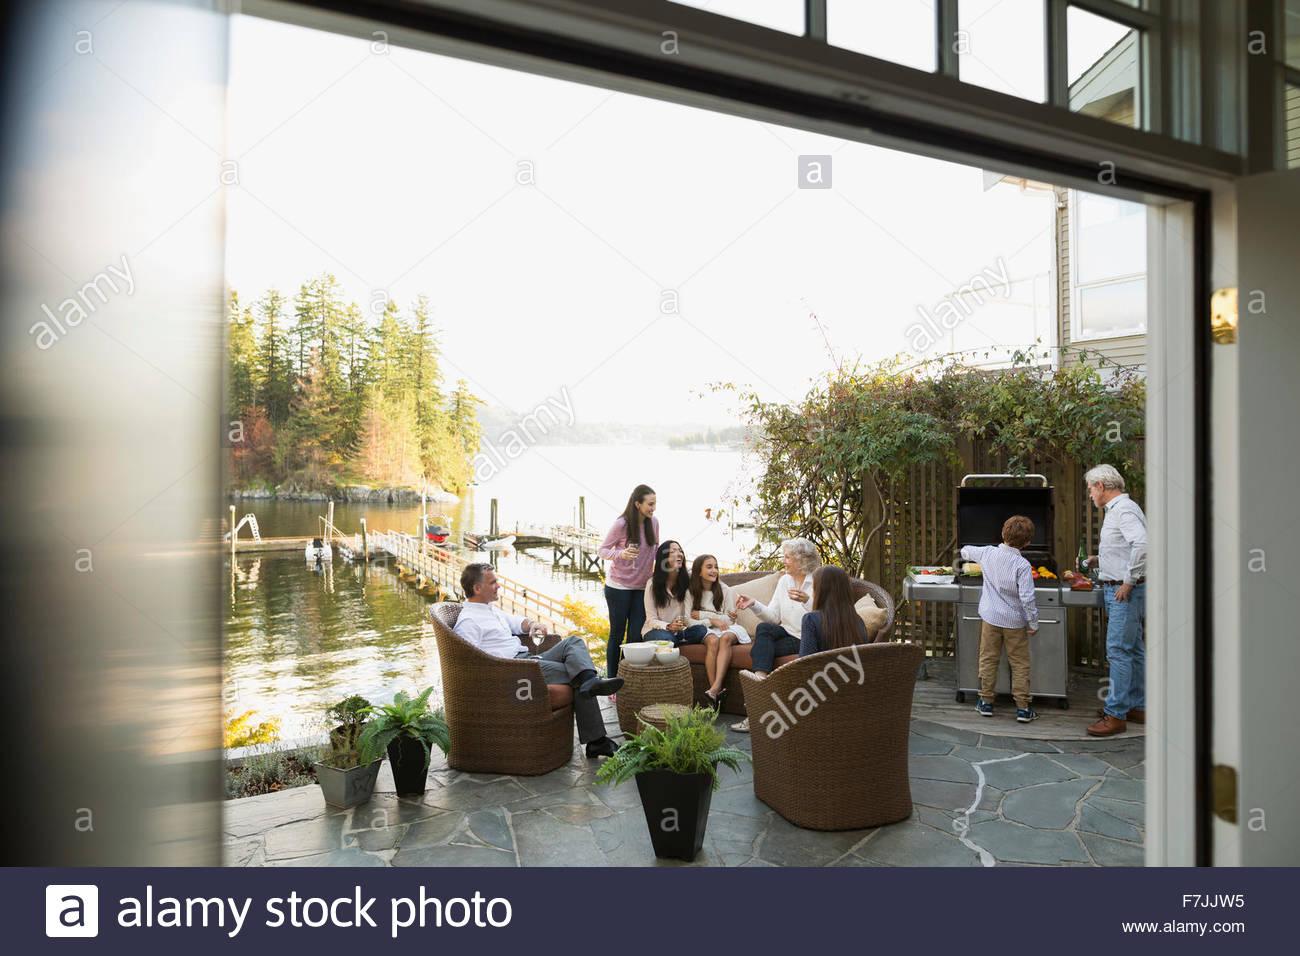 Mehr-Generationen-Familie grillen und entspannende Terrasse am See Stockbild